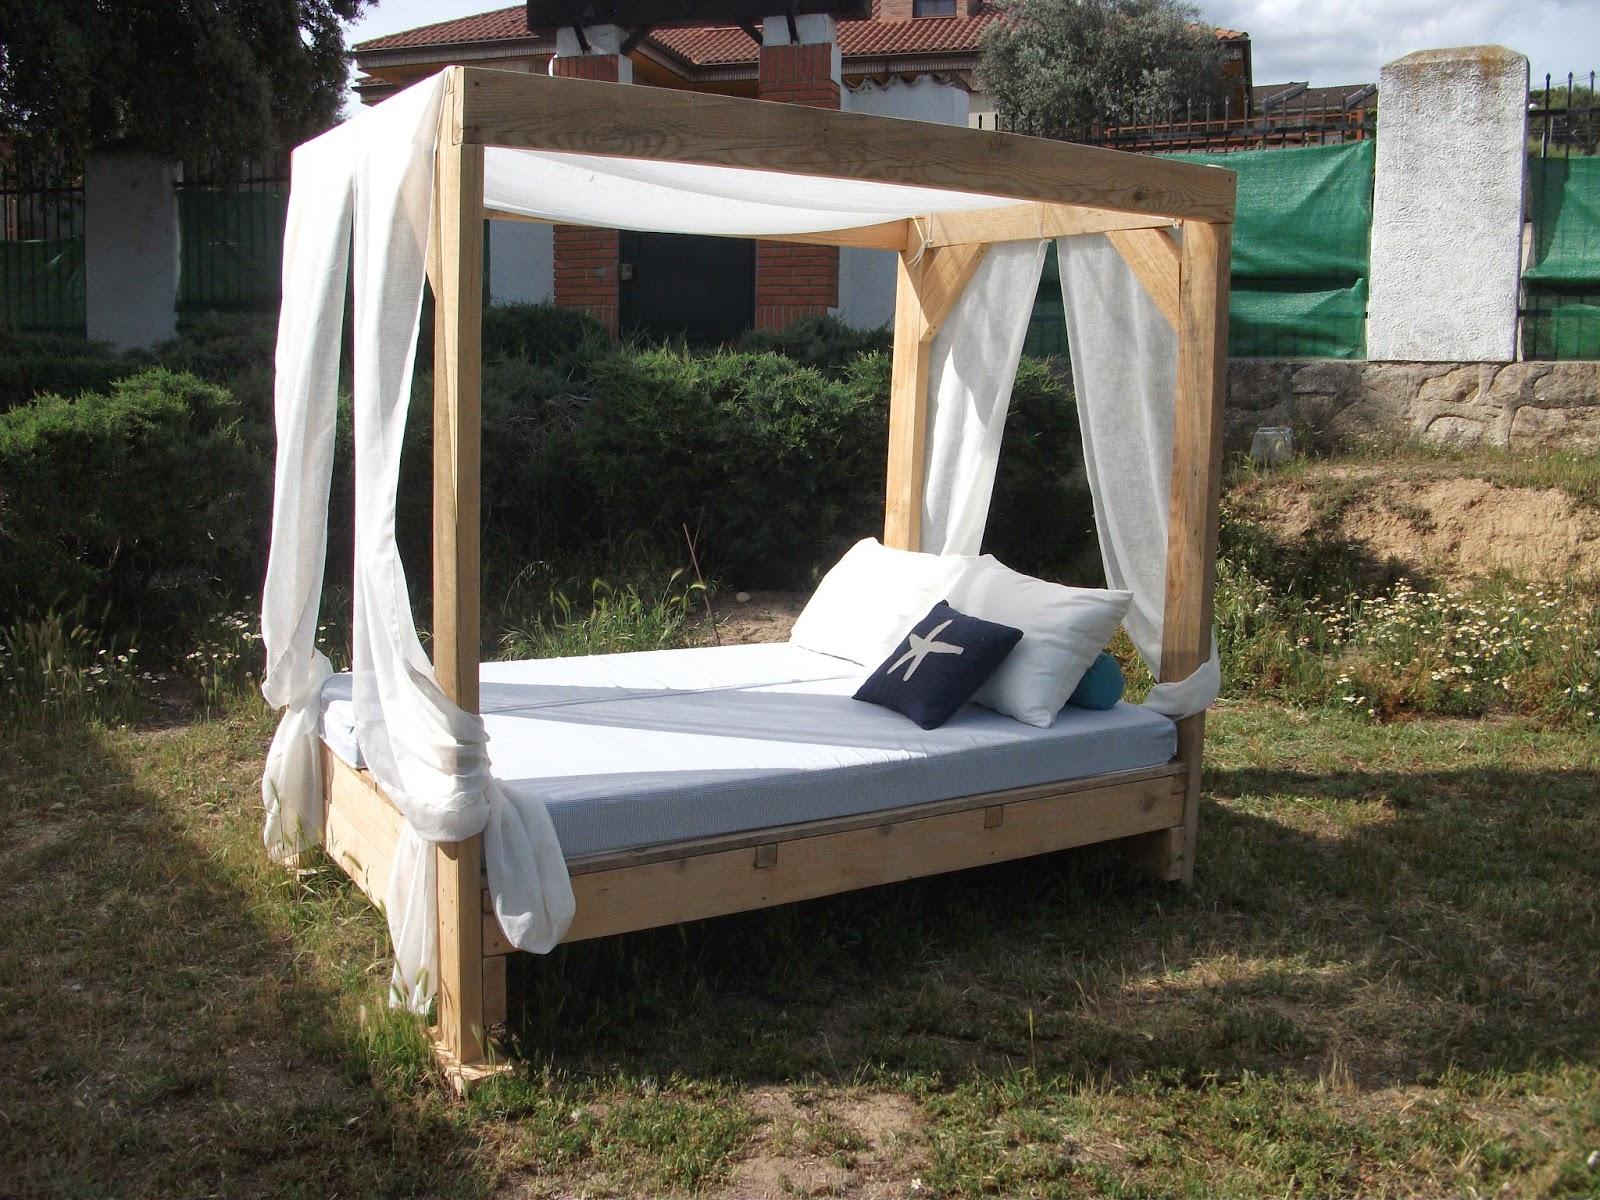 Renovarte con palets cama balinesa tatami banco balines - Hacer cama con palets ...